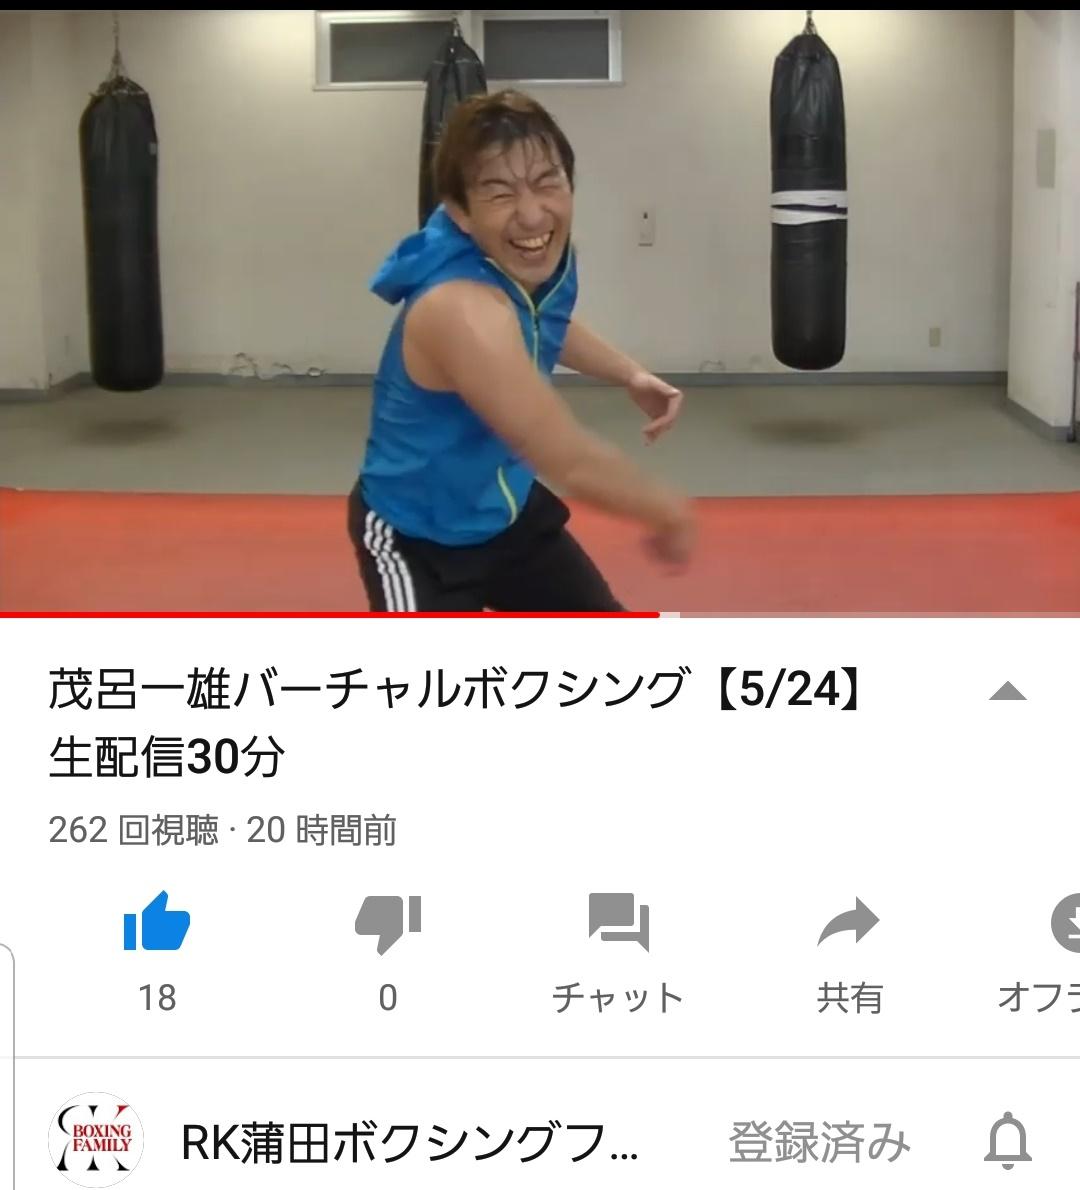 第6弾 5/23(土)バーチャルボクシング®レッスン(配信無料)版